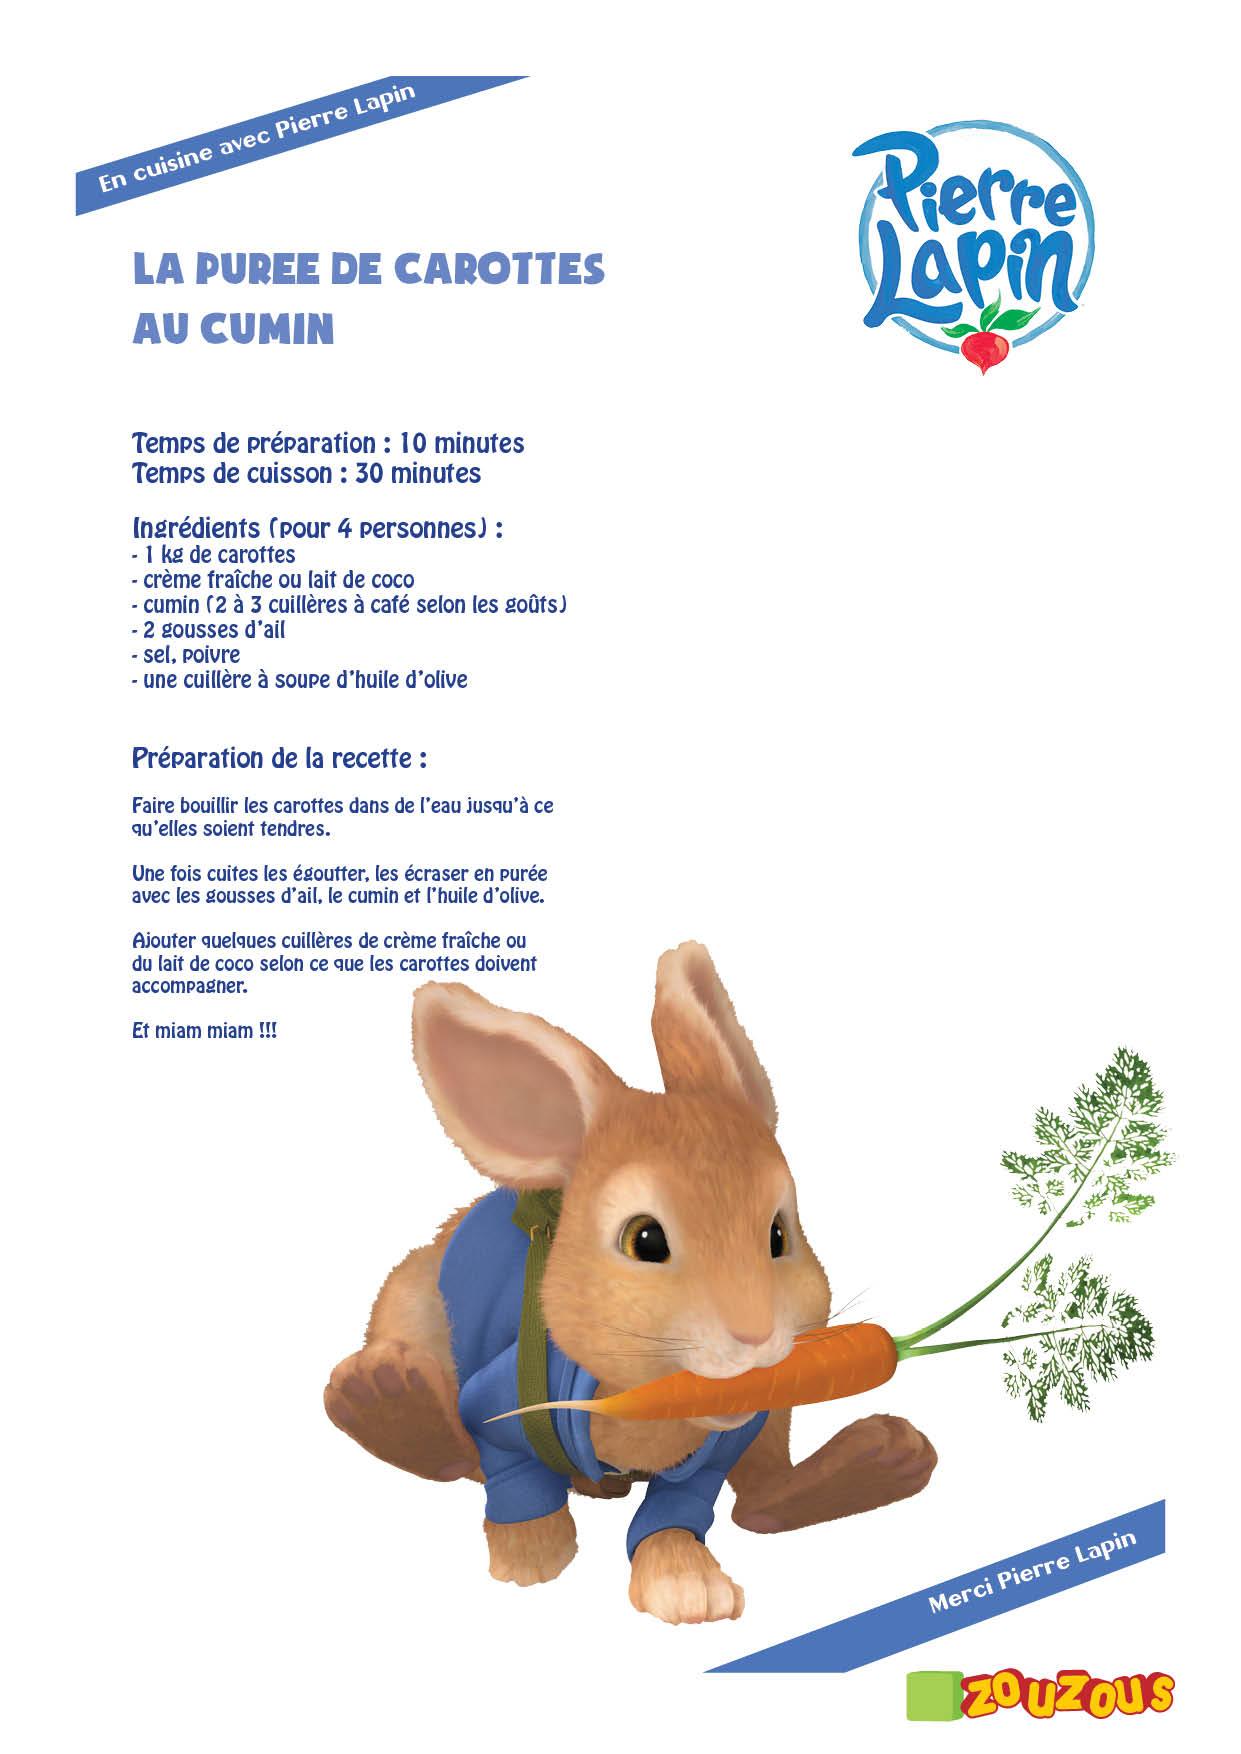 Pierre lapin le monde des lapins tout sur les lapins esp ce litt rature jeux c l bres - Dessin anime zouzous france 5 ...